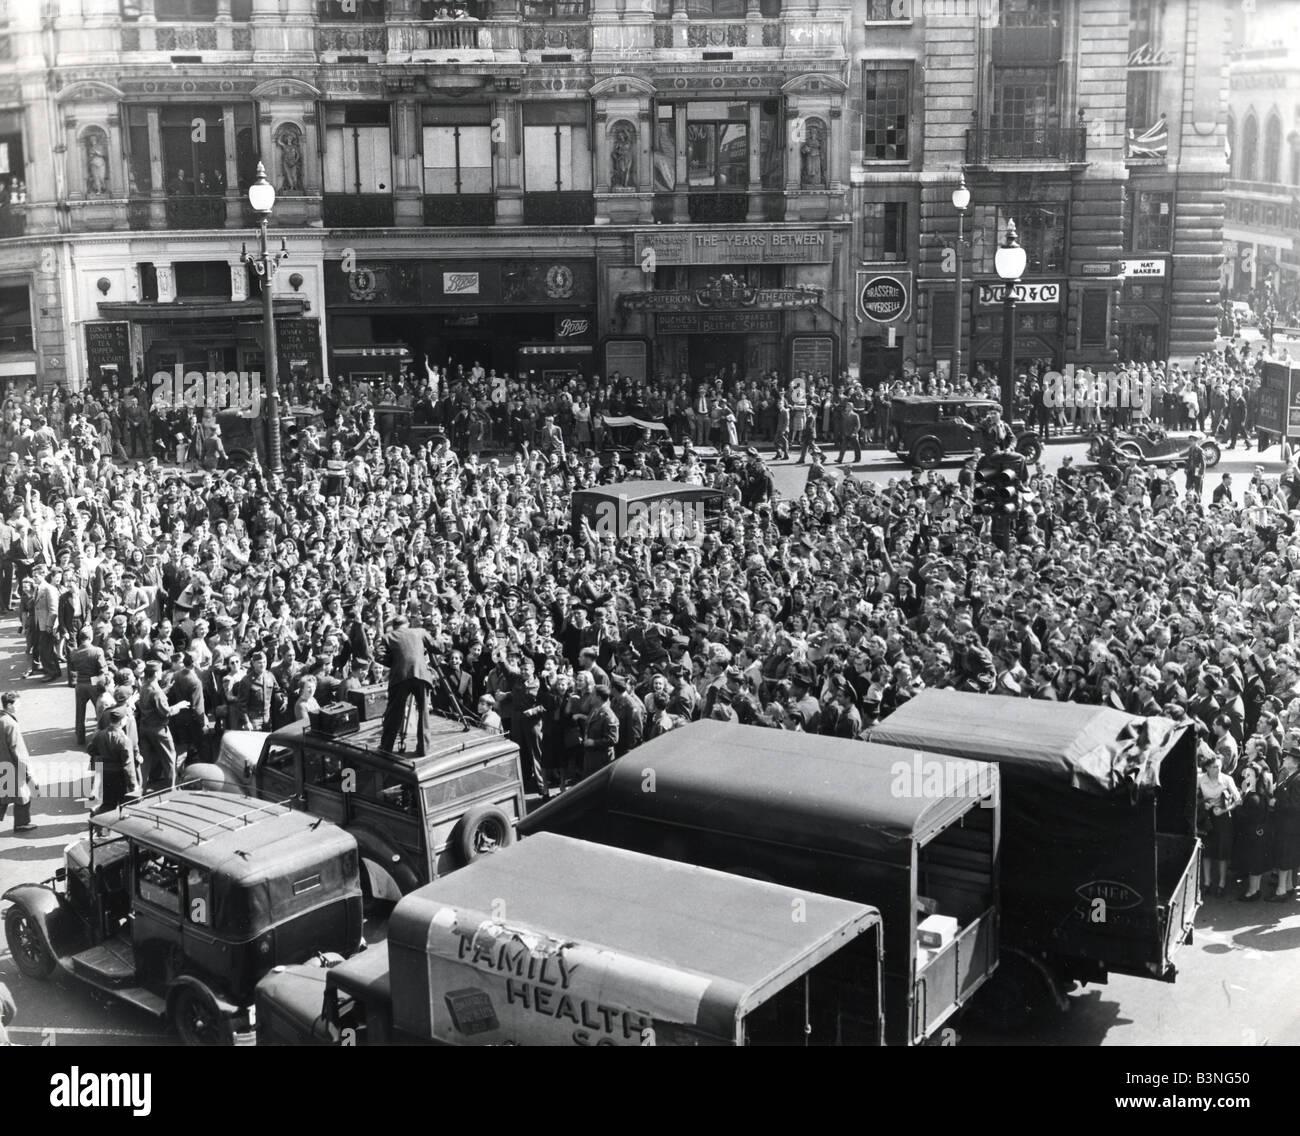 VJ el día 15 de agosto de 1945 marcó la rendición del Japón y la multitud reunida en Trafalgar Imagen De Stock